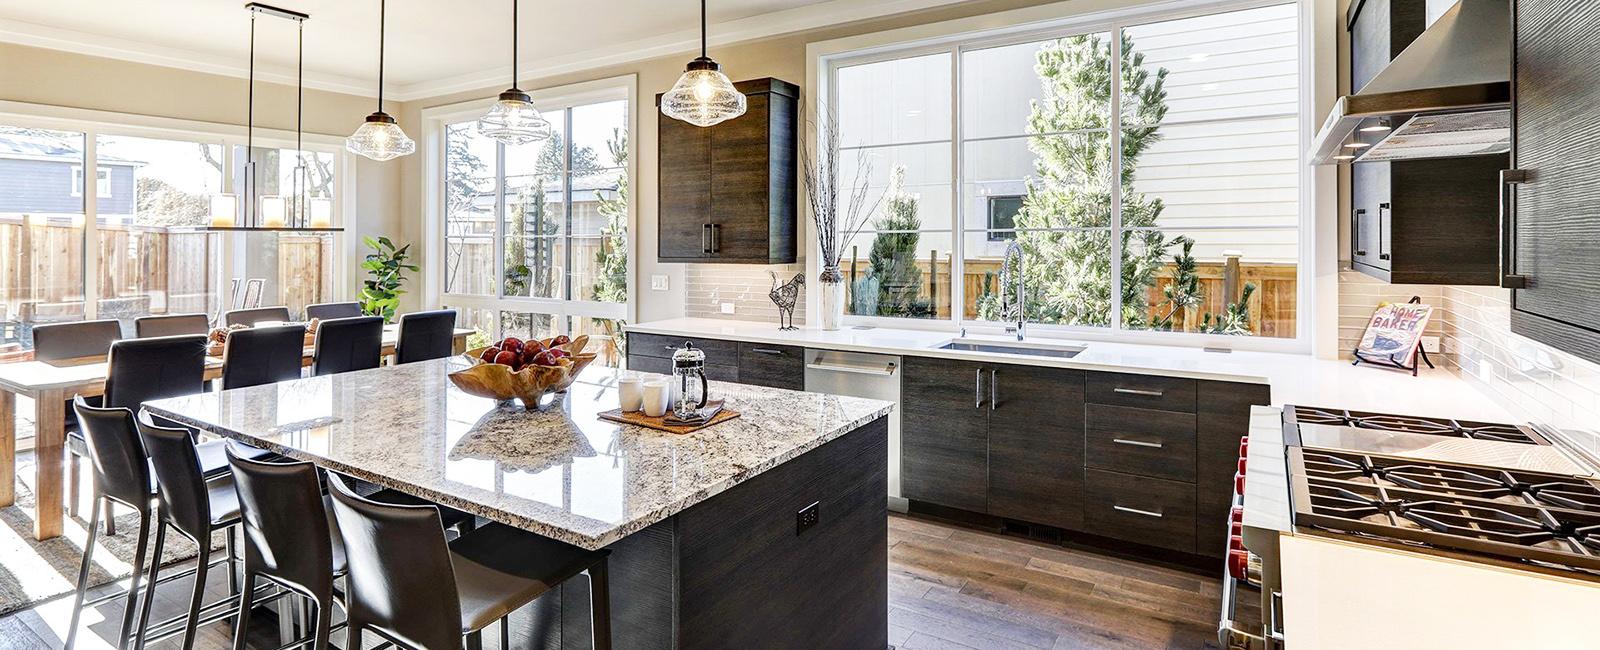 Mutfak, banyo, zemin, merdiven basamakları gibi evinizin bir çok noktasına doğal taşlar ile şıklık katabilirsiniz. Tek yapmanız gereken bizimle iletişime geçmek.